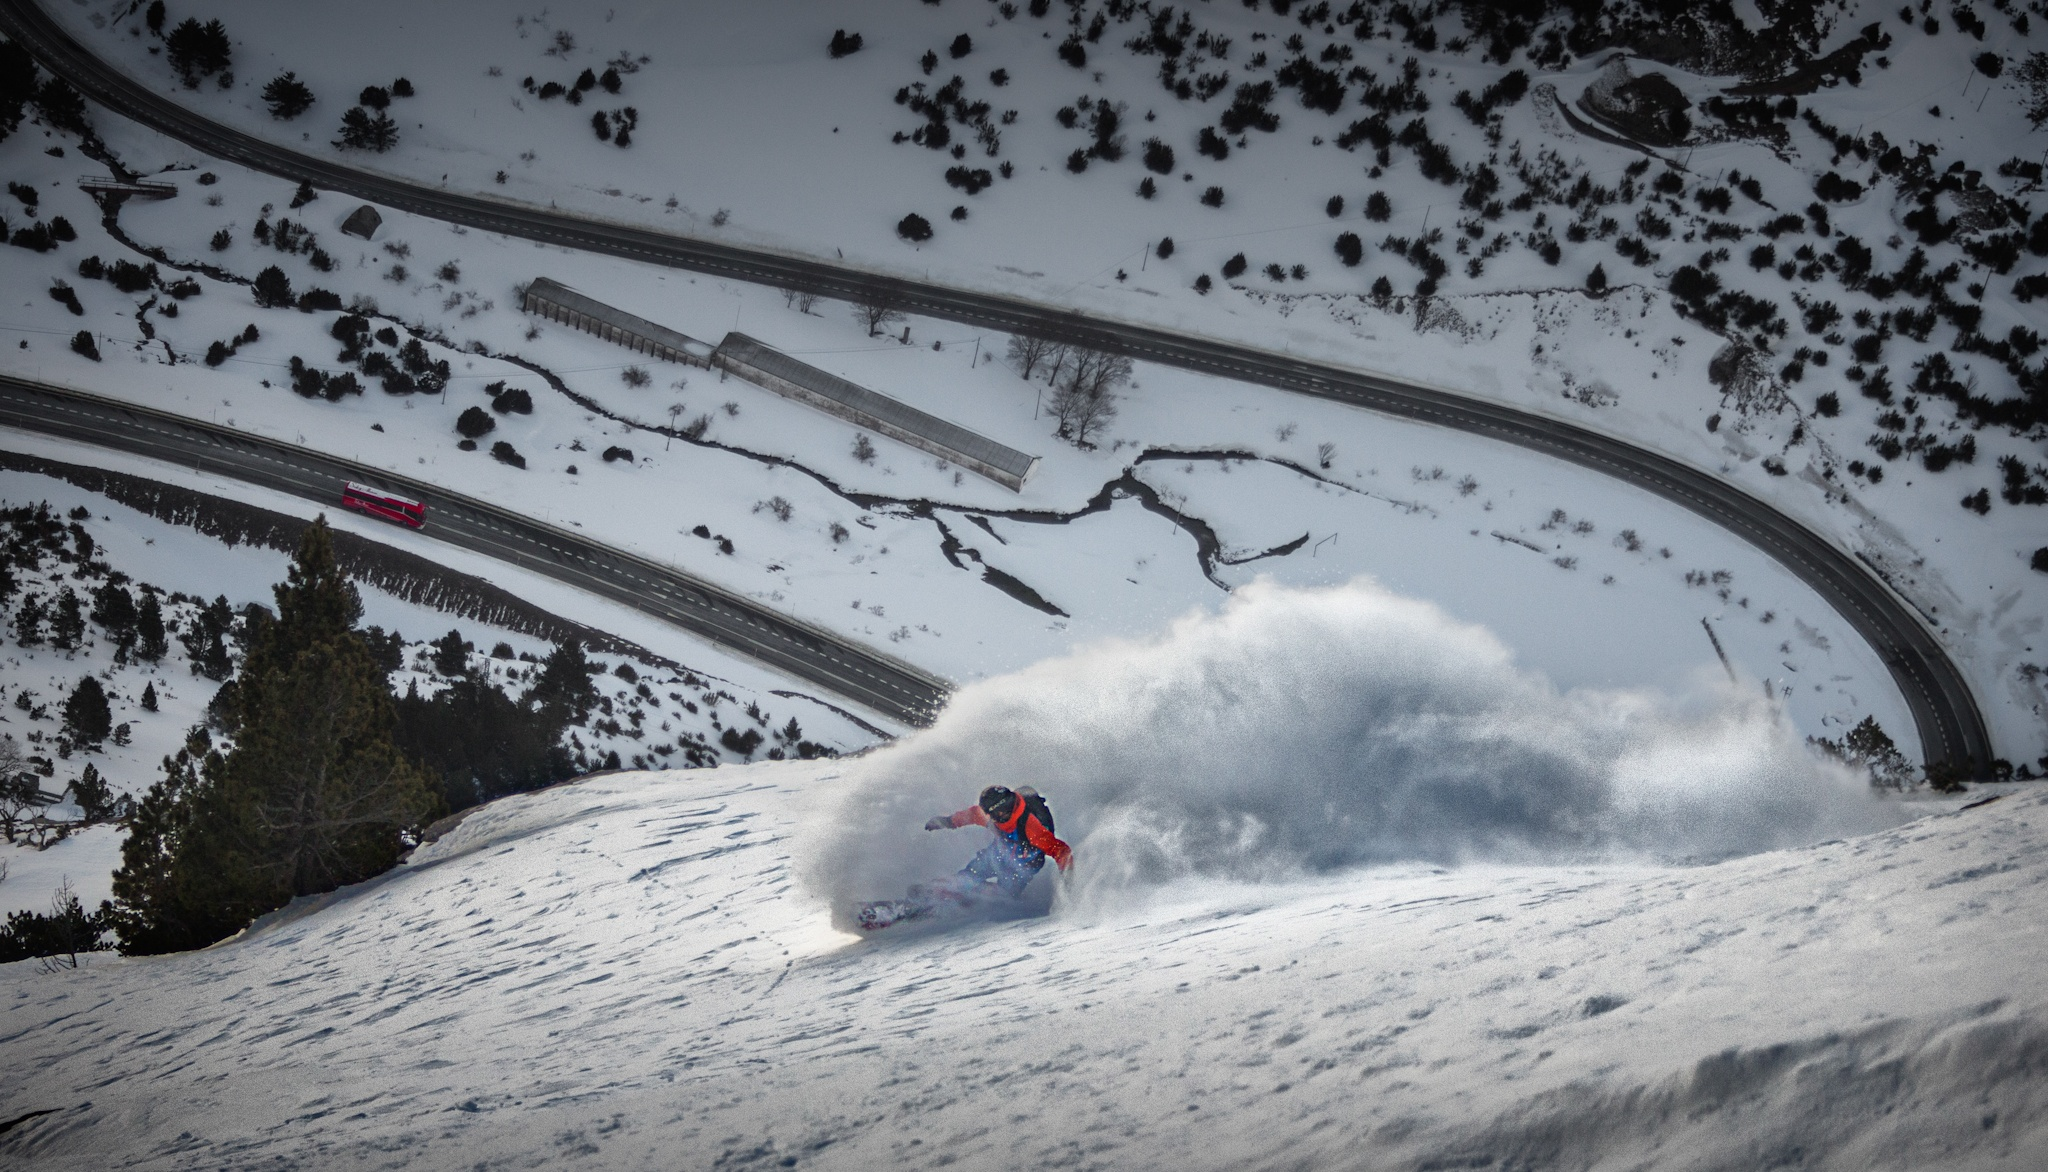 Estacas, Ekaitz Isasi - Ski & Snowboard - Fotos del Valle del Aragón, Mikel Besga